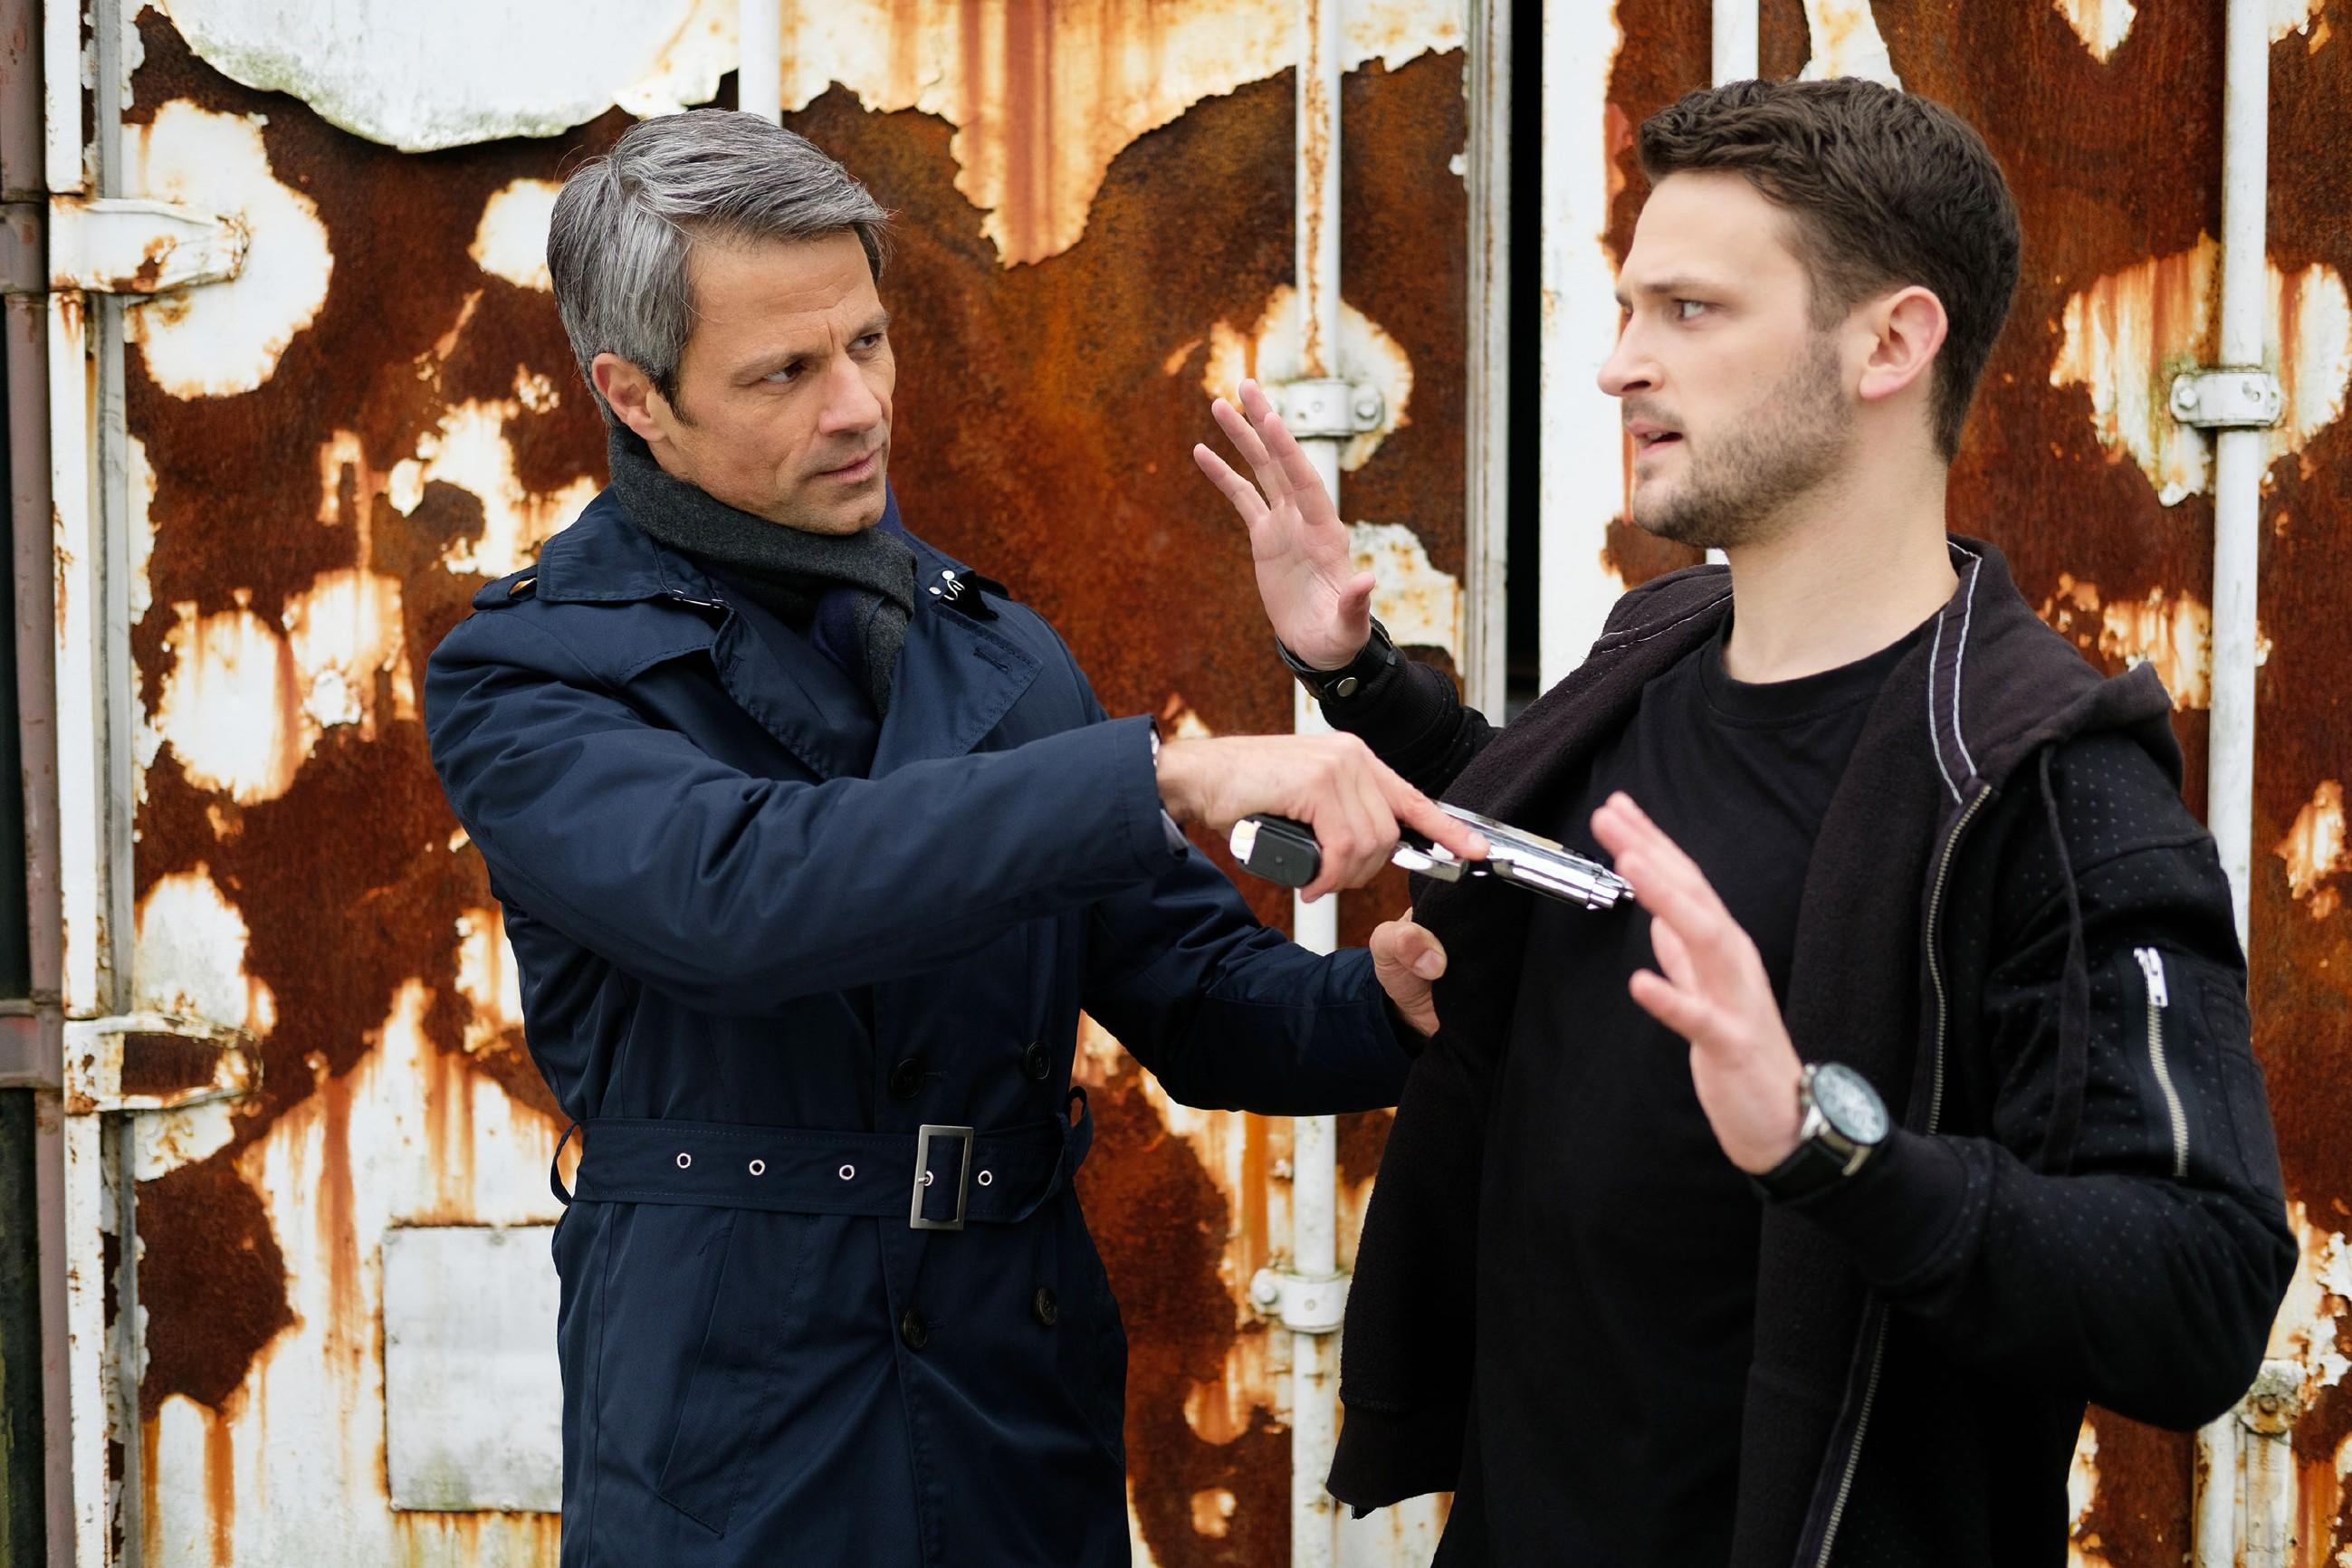 Benedikt (Jens Hajek, l.) will Mario (Arne Rudolf) mit Waffengewalt dazu zwingen, die Anzeige gegen Malte zurückzuziehen und Köln zu verlassen... (Quelle: RTL / Stefan Behrens)